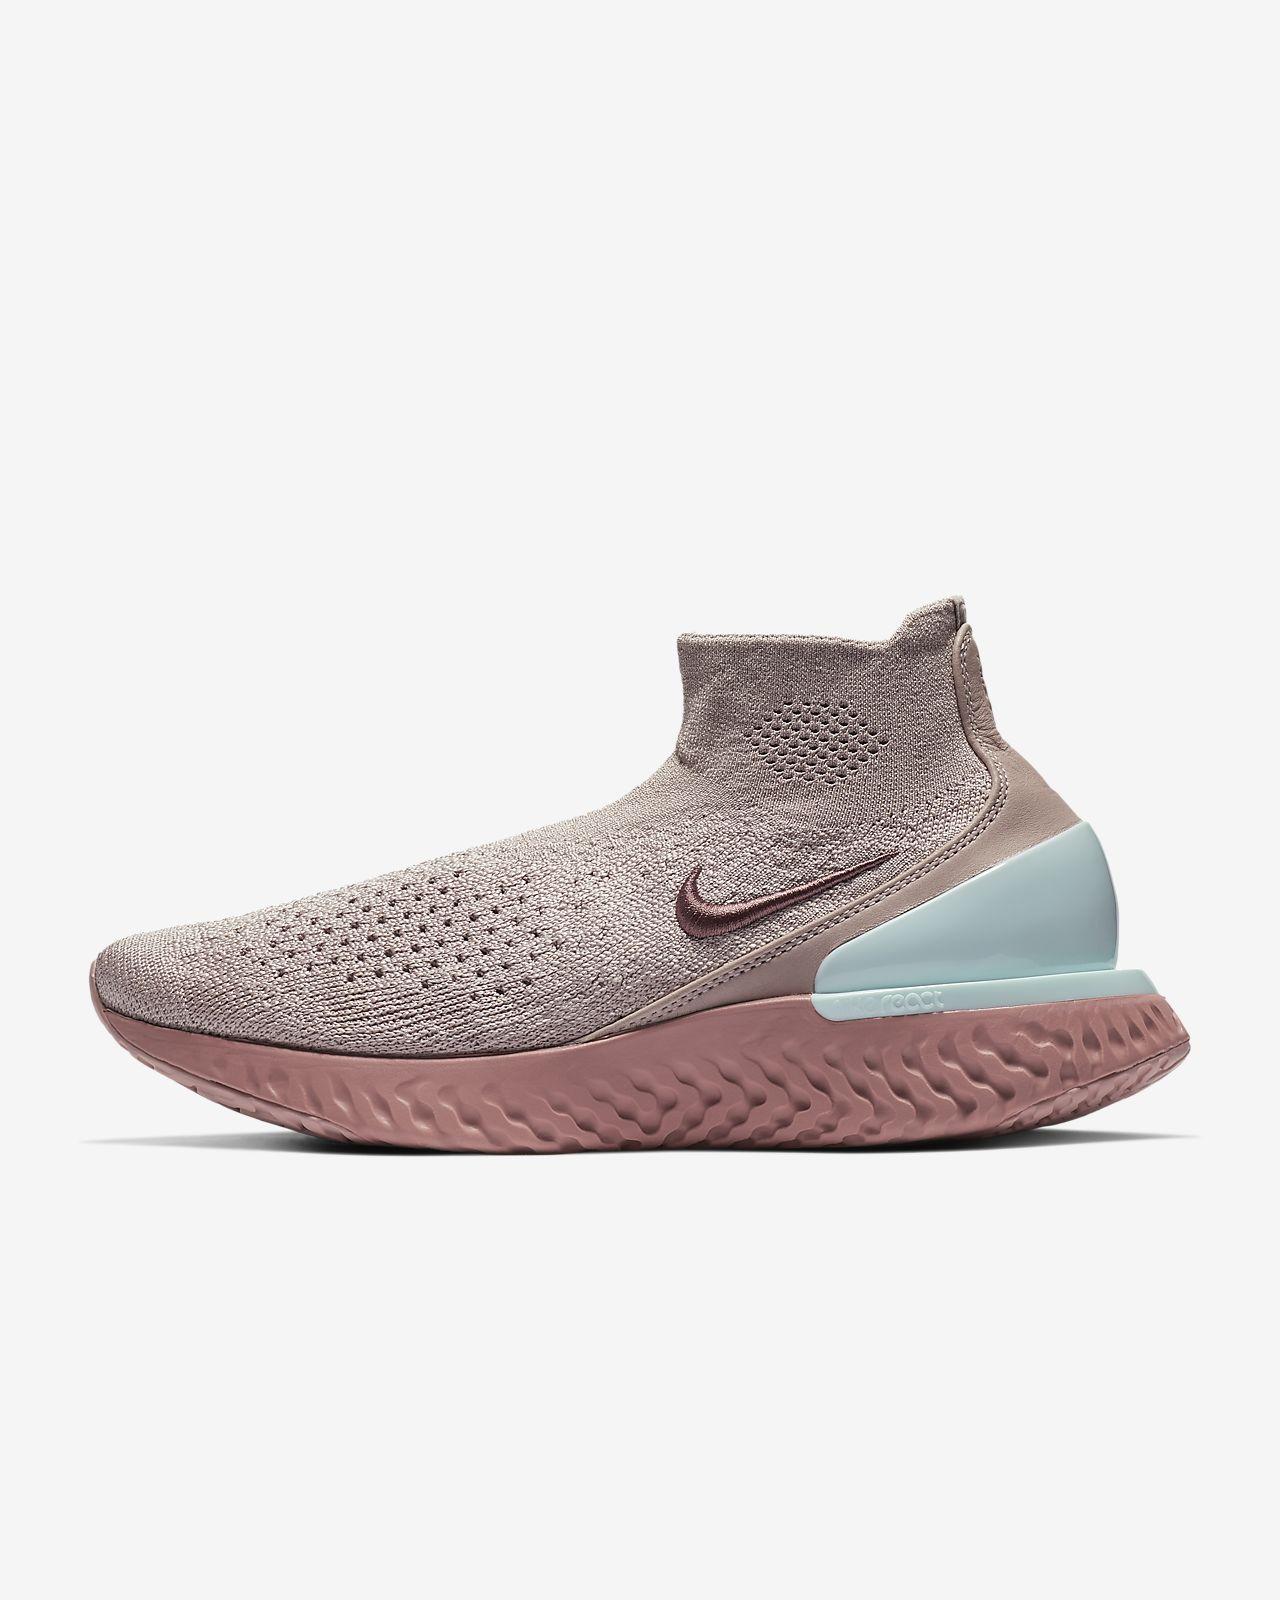 Nike Rise React Flyknit Women's Running Shoe